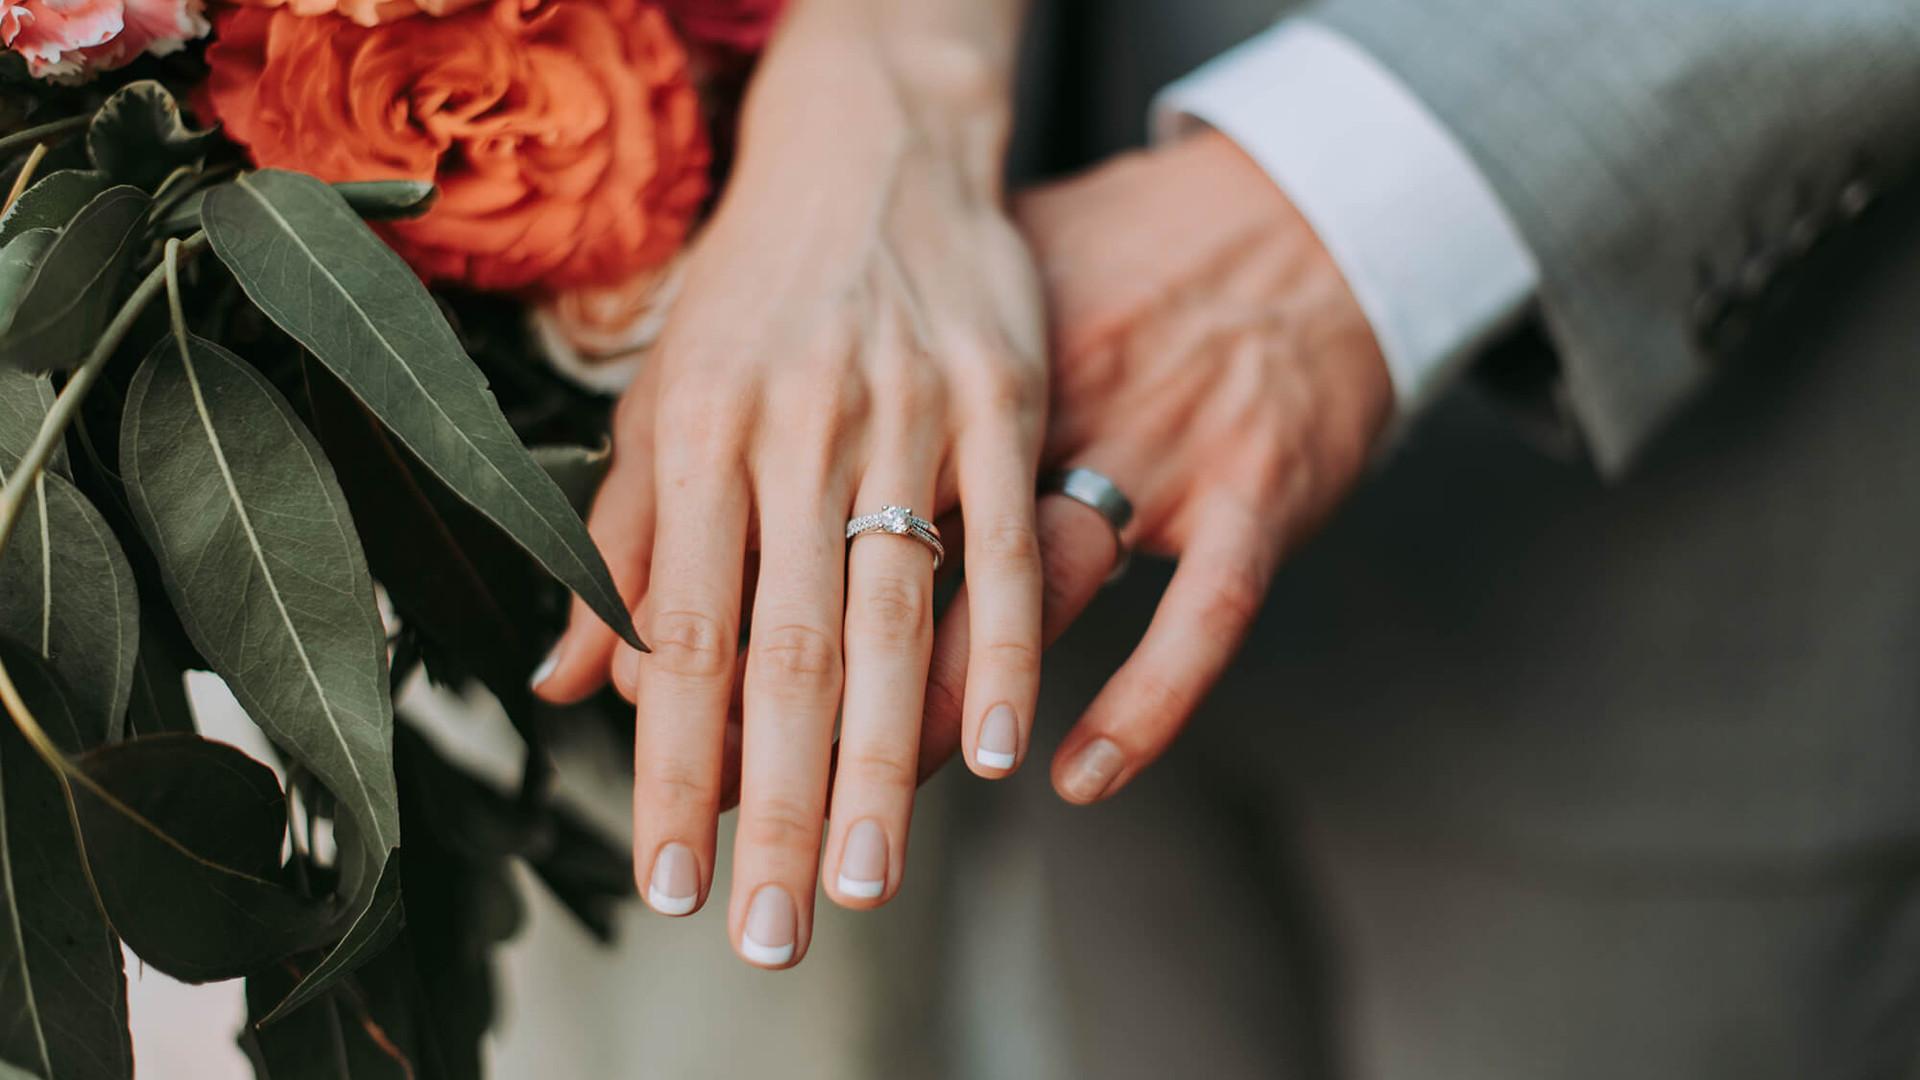 PSD wedding 3 (1).jpg